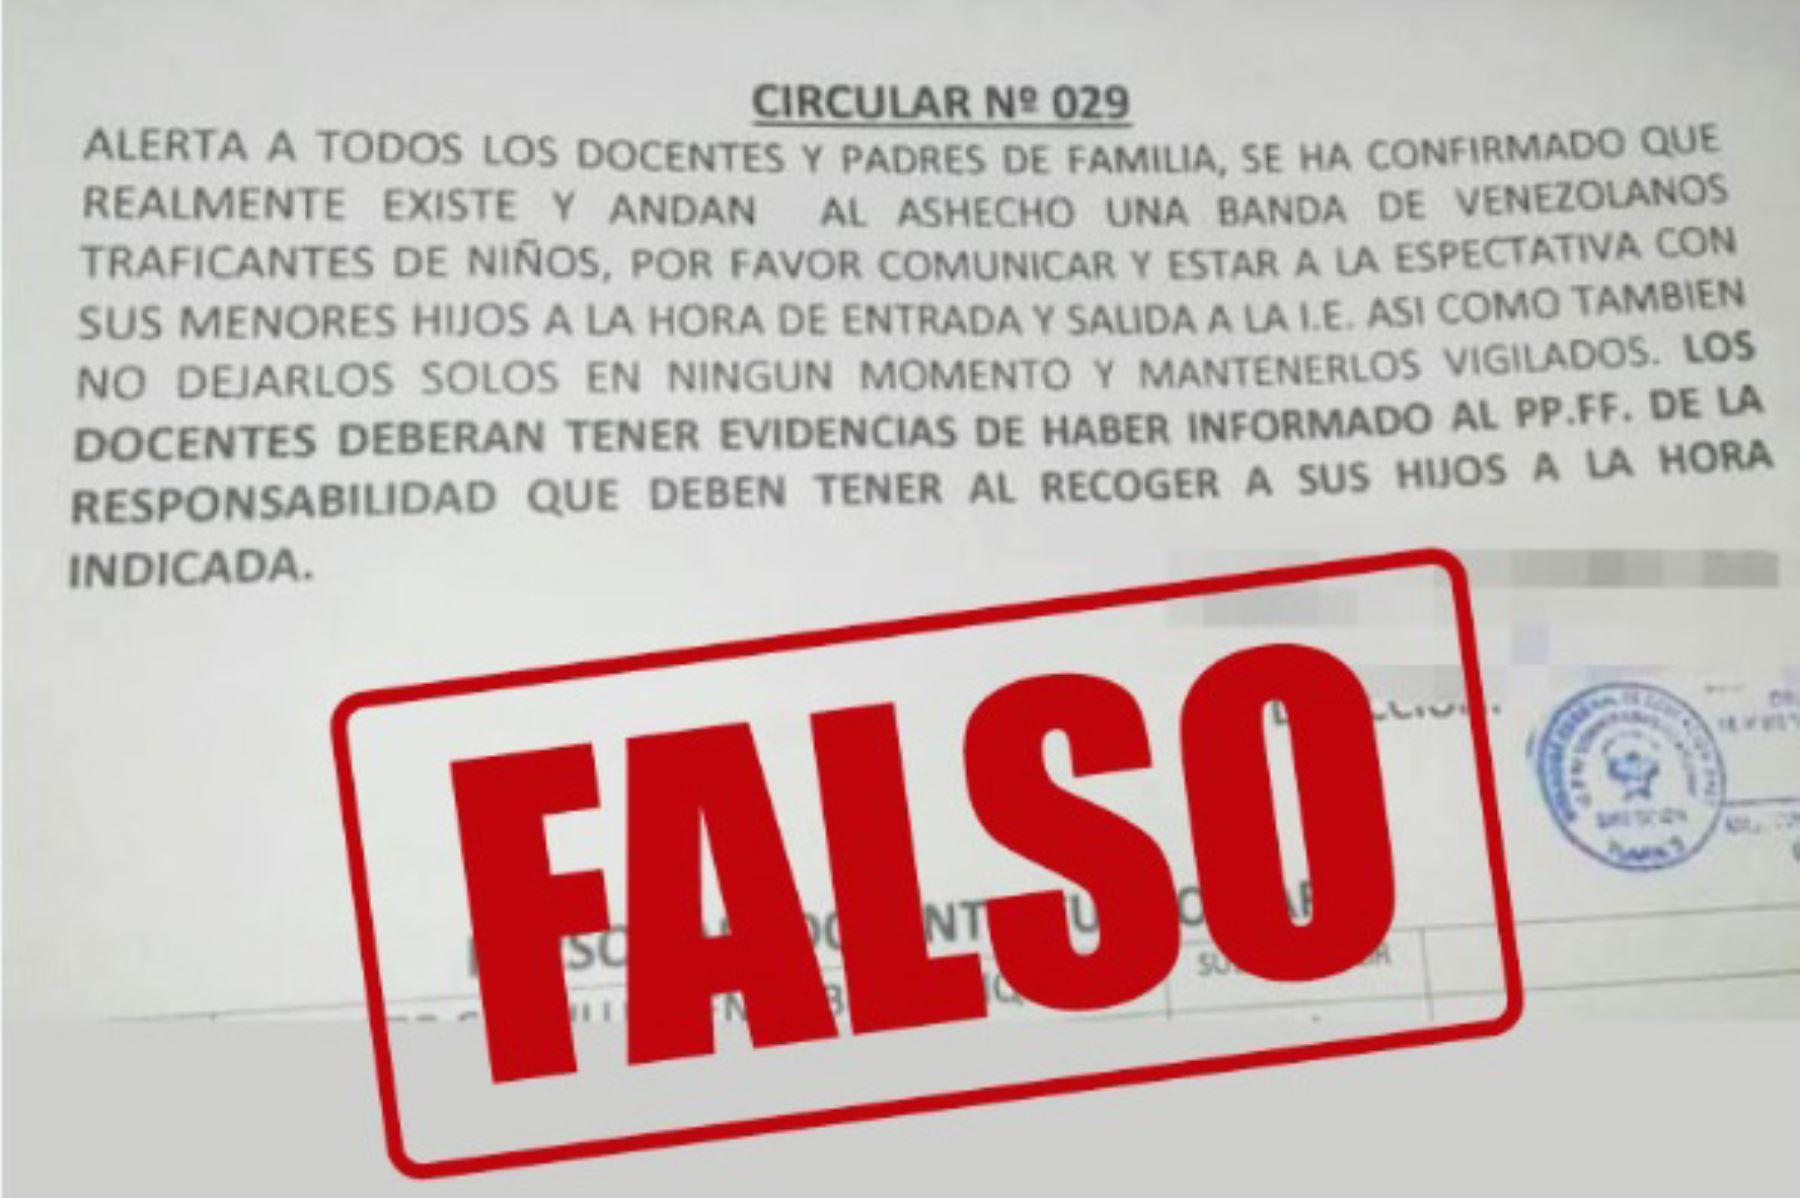 Minedu aseguró que esta circular es falsa. Foto: Twitter